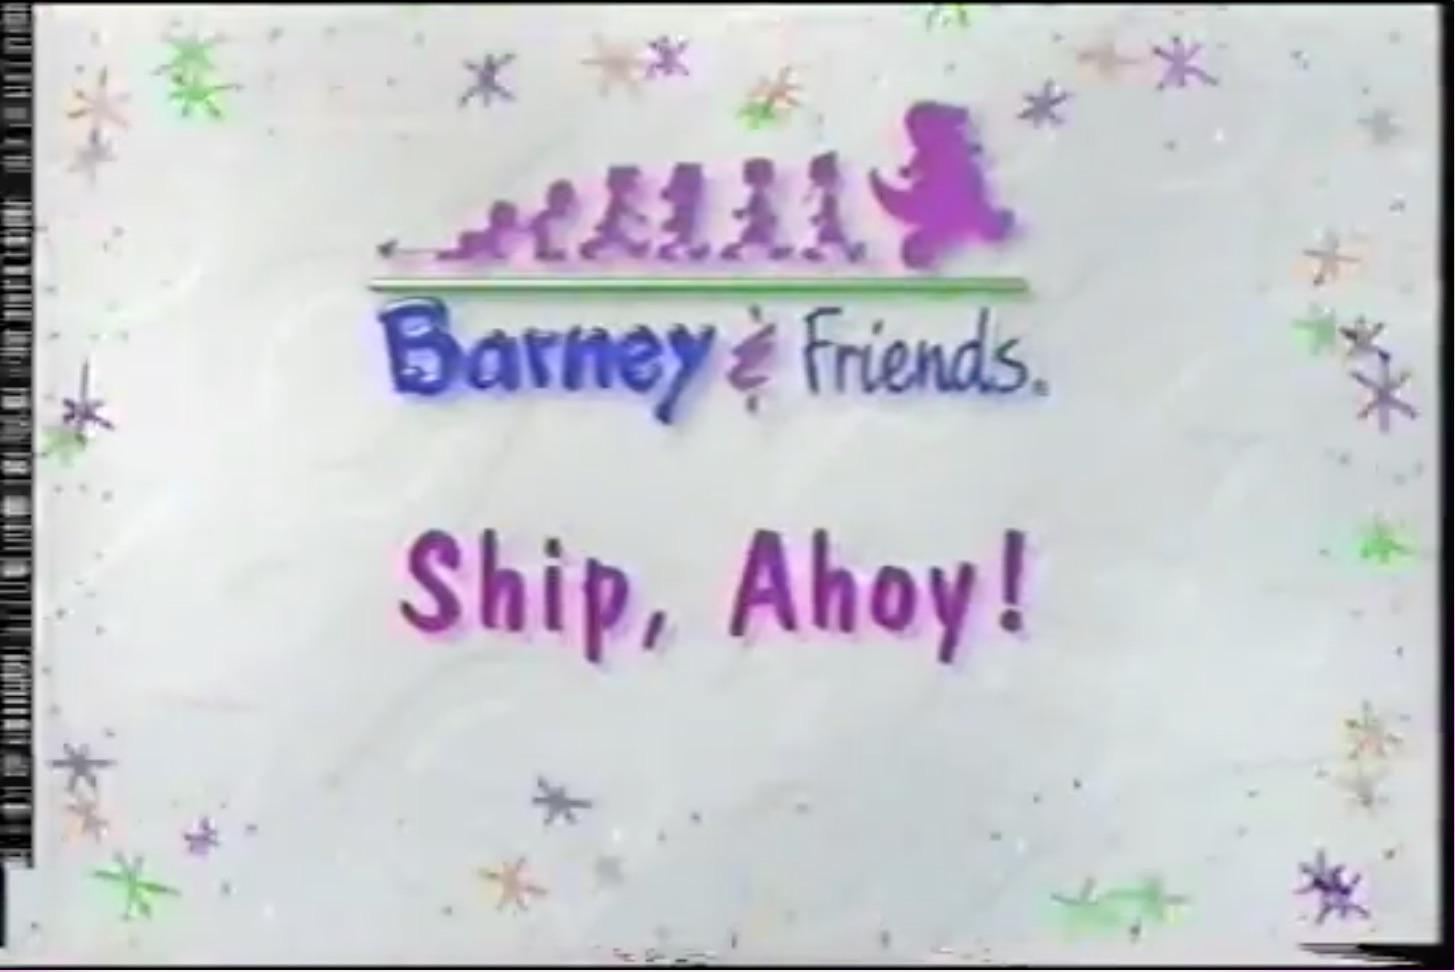 ship ahoy barney u0026friends wiki fandom powered by wikia